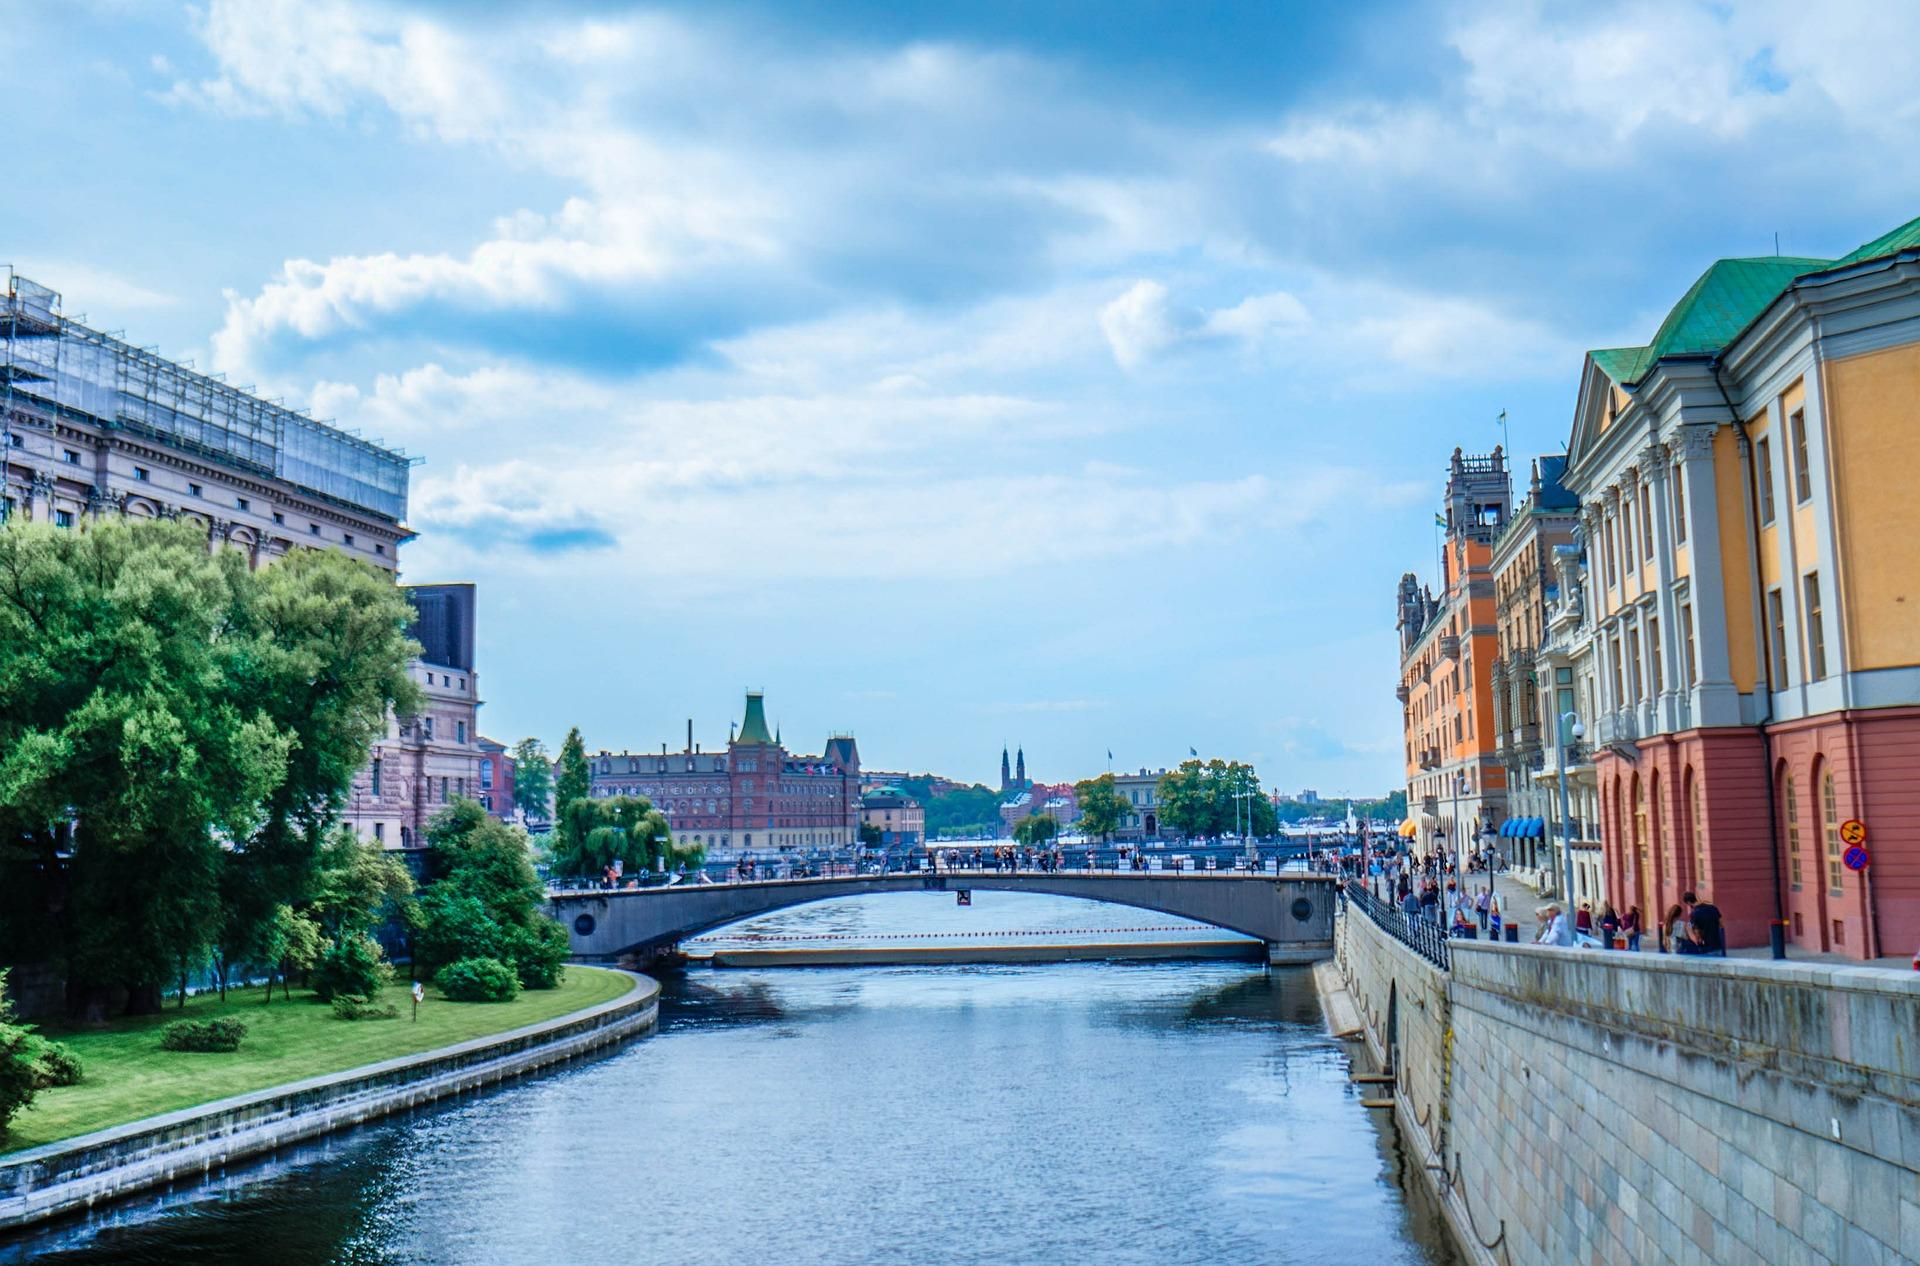 Выбираем недорогой тарифный план на Интернет для посещения Швеции